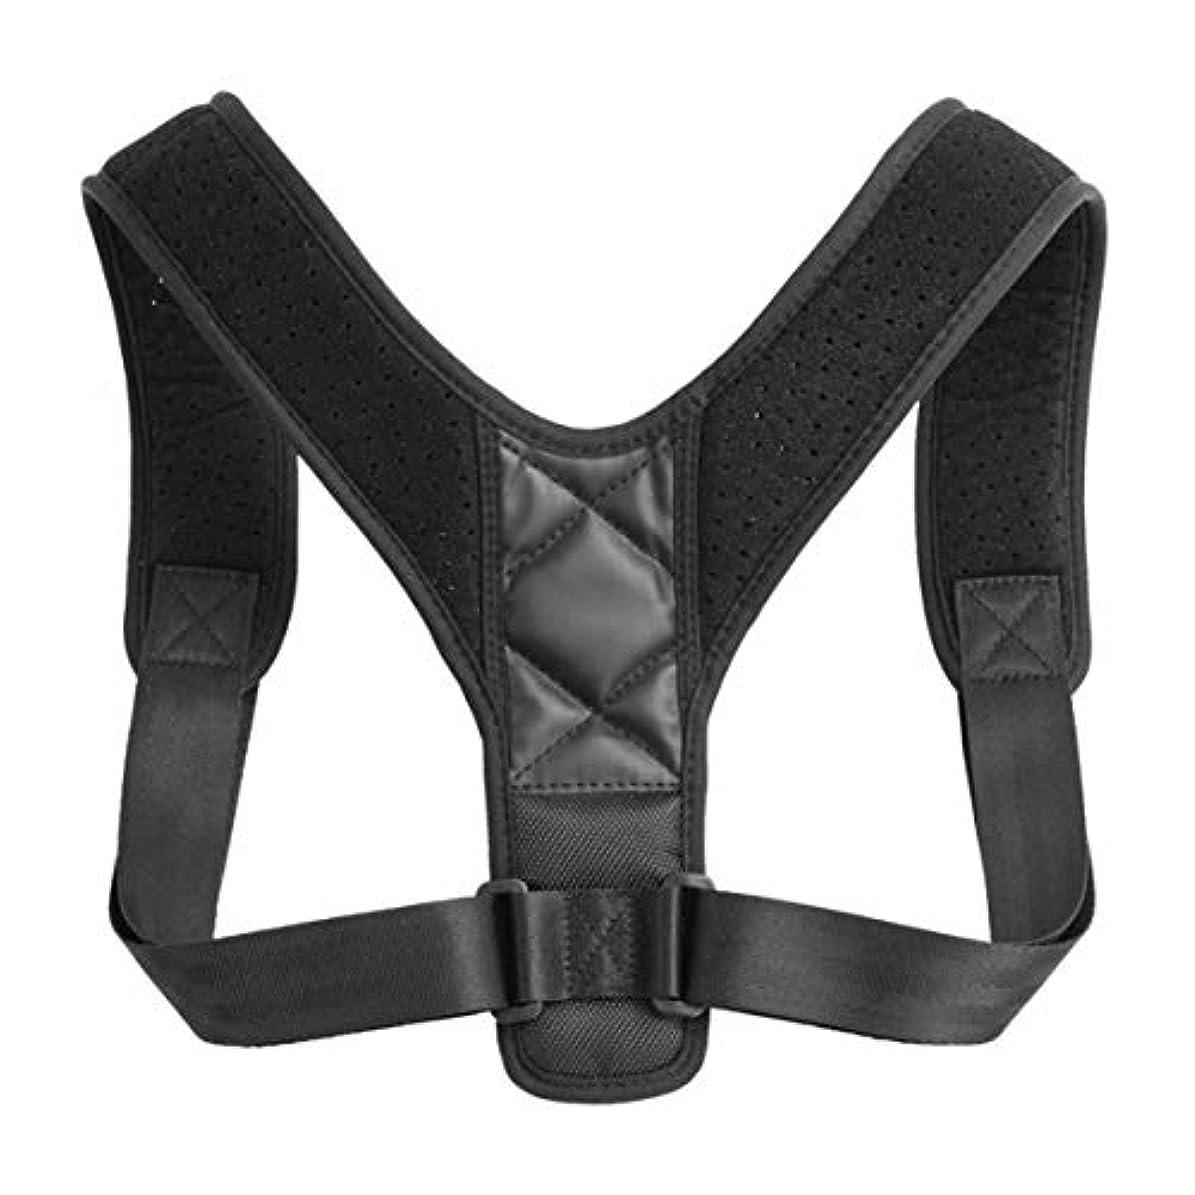 規制する古い幸運なことに大人の学生調節可能な背中の姿勢補正ブレースショルダーサポートバンドベルトの姿勢正しいベルト防止ハンチバック - ブラック